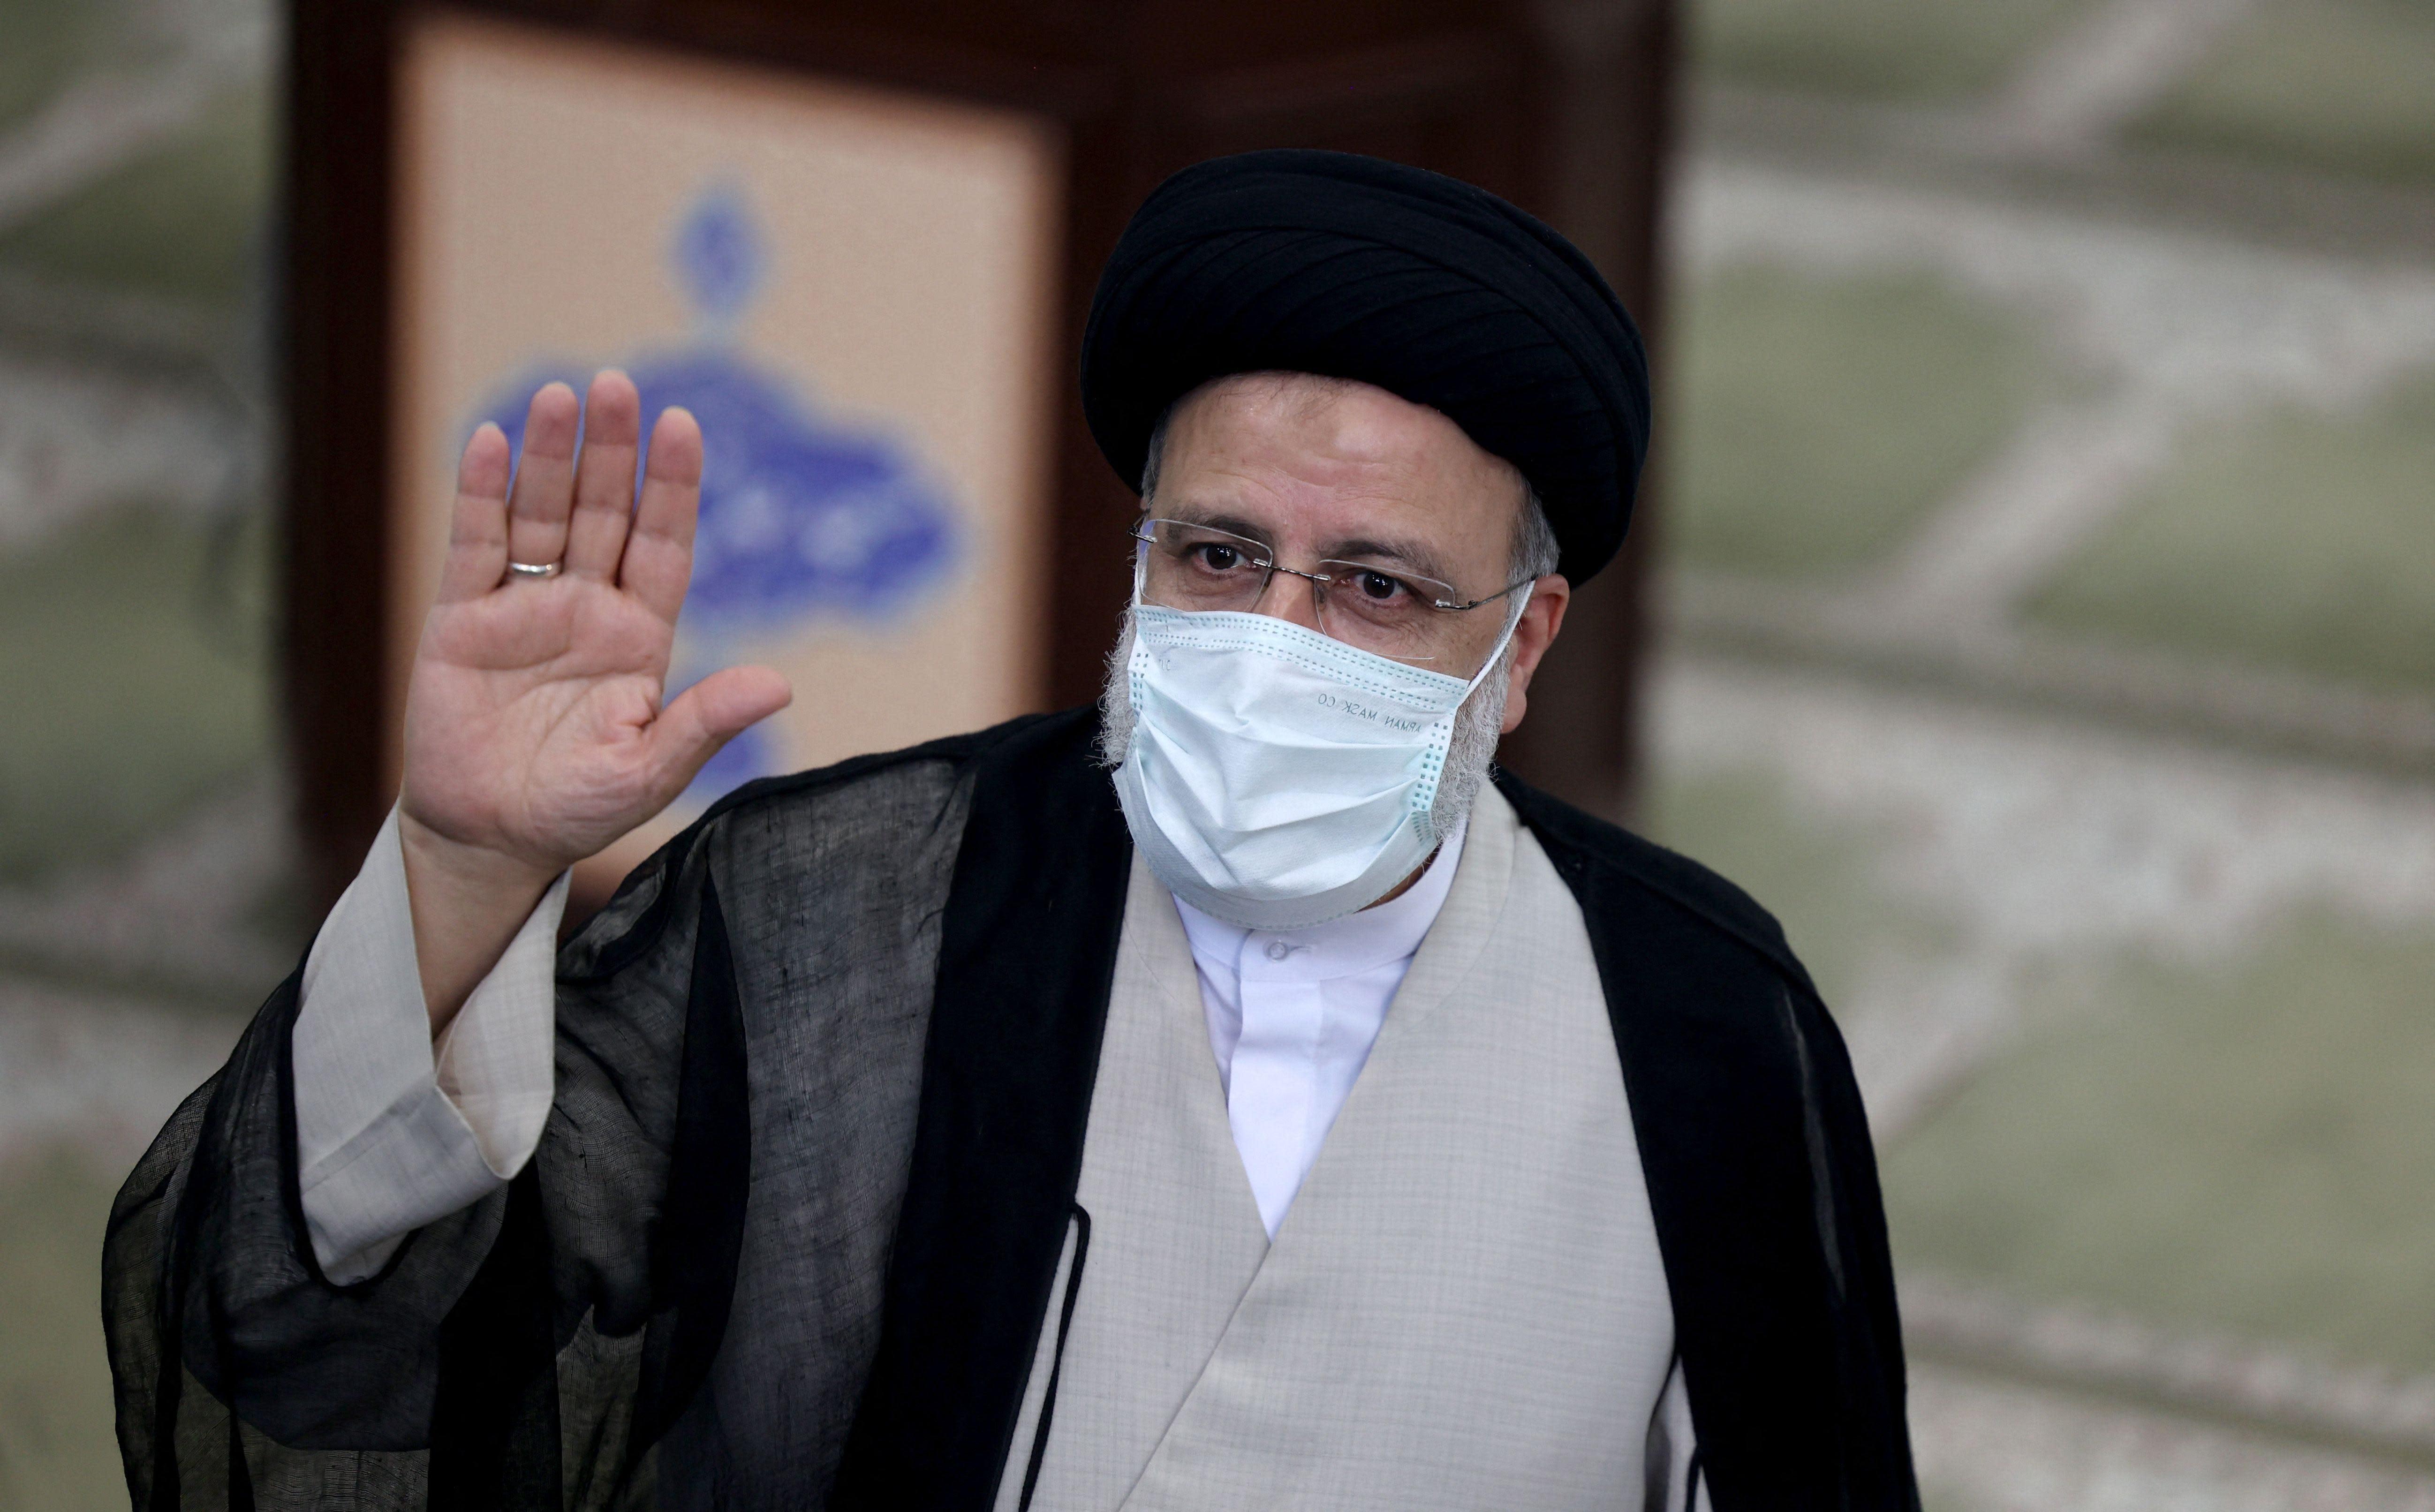 State media; Hardliner poised to win Iran presidency